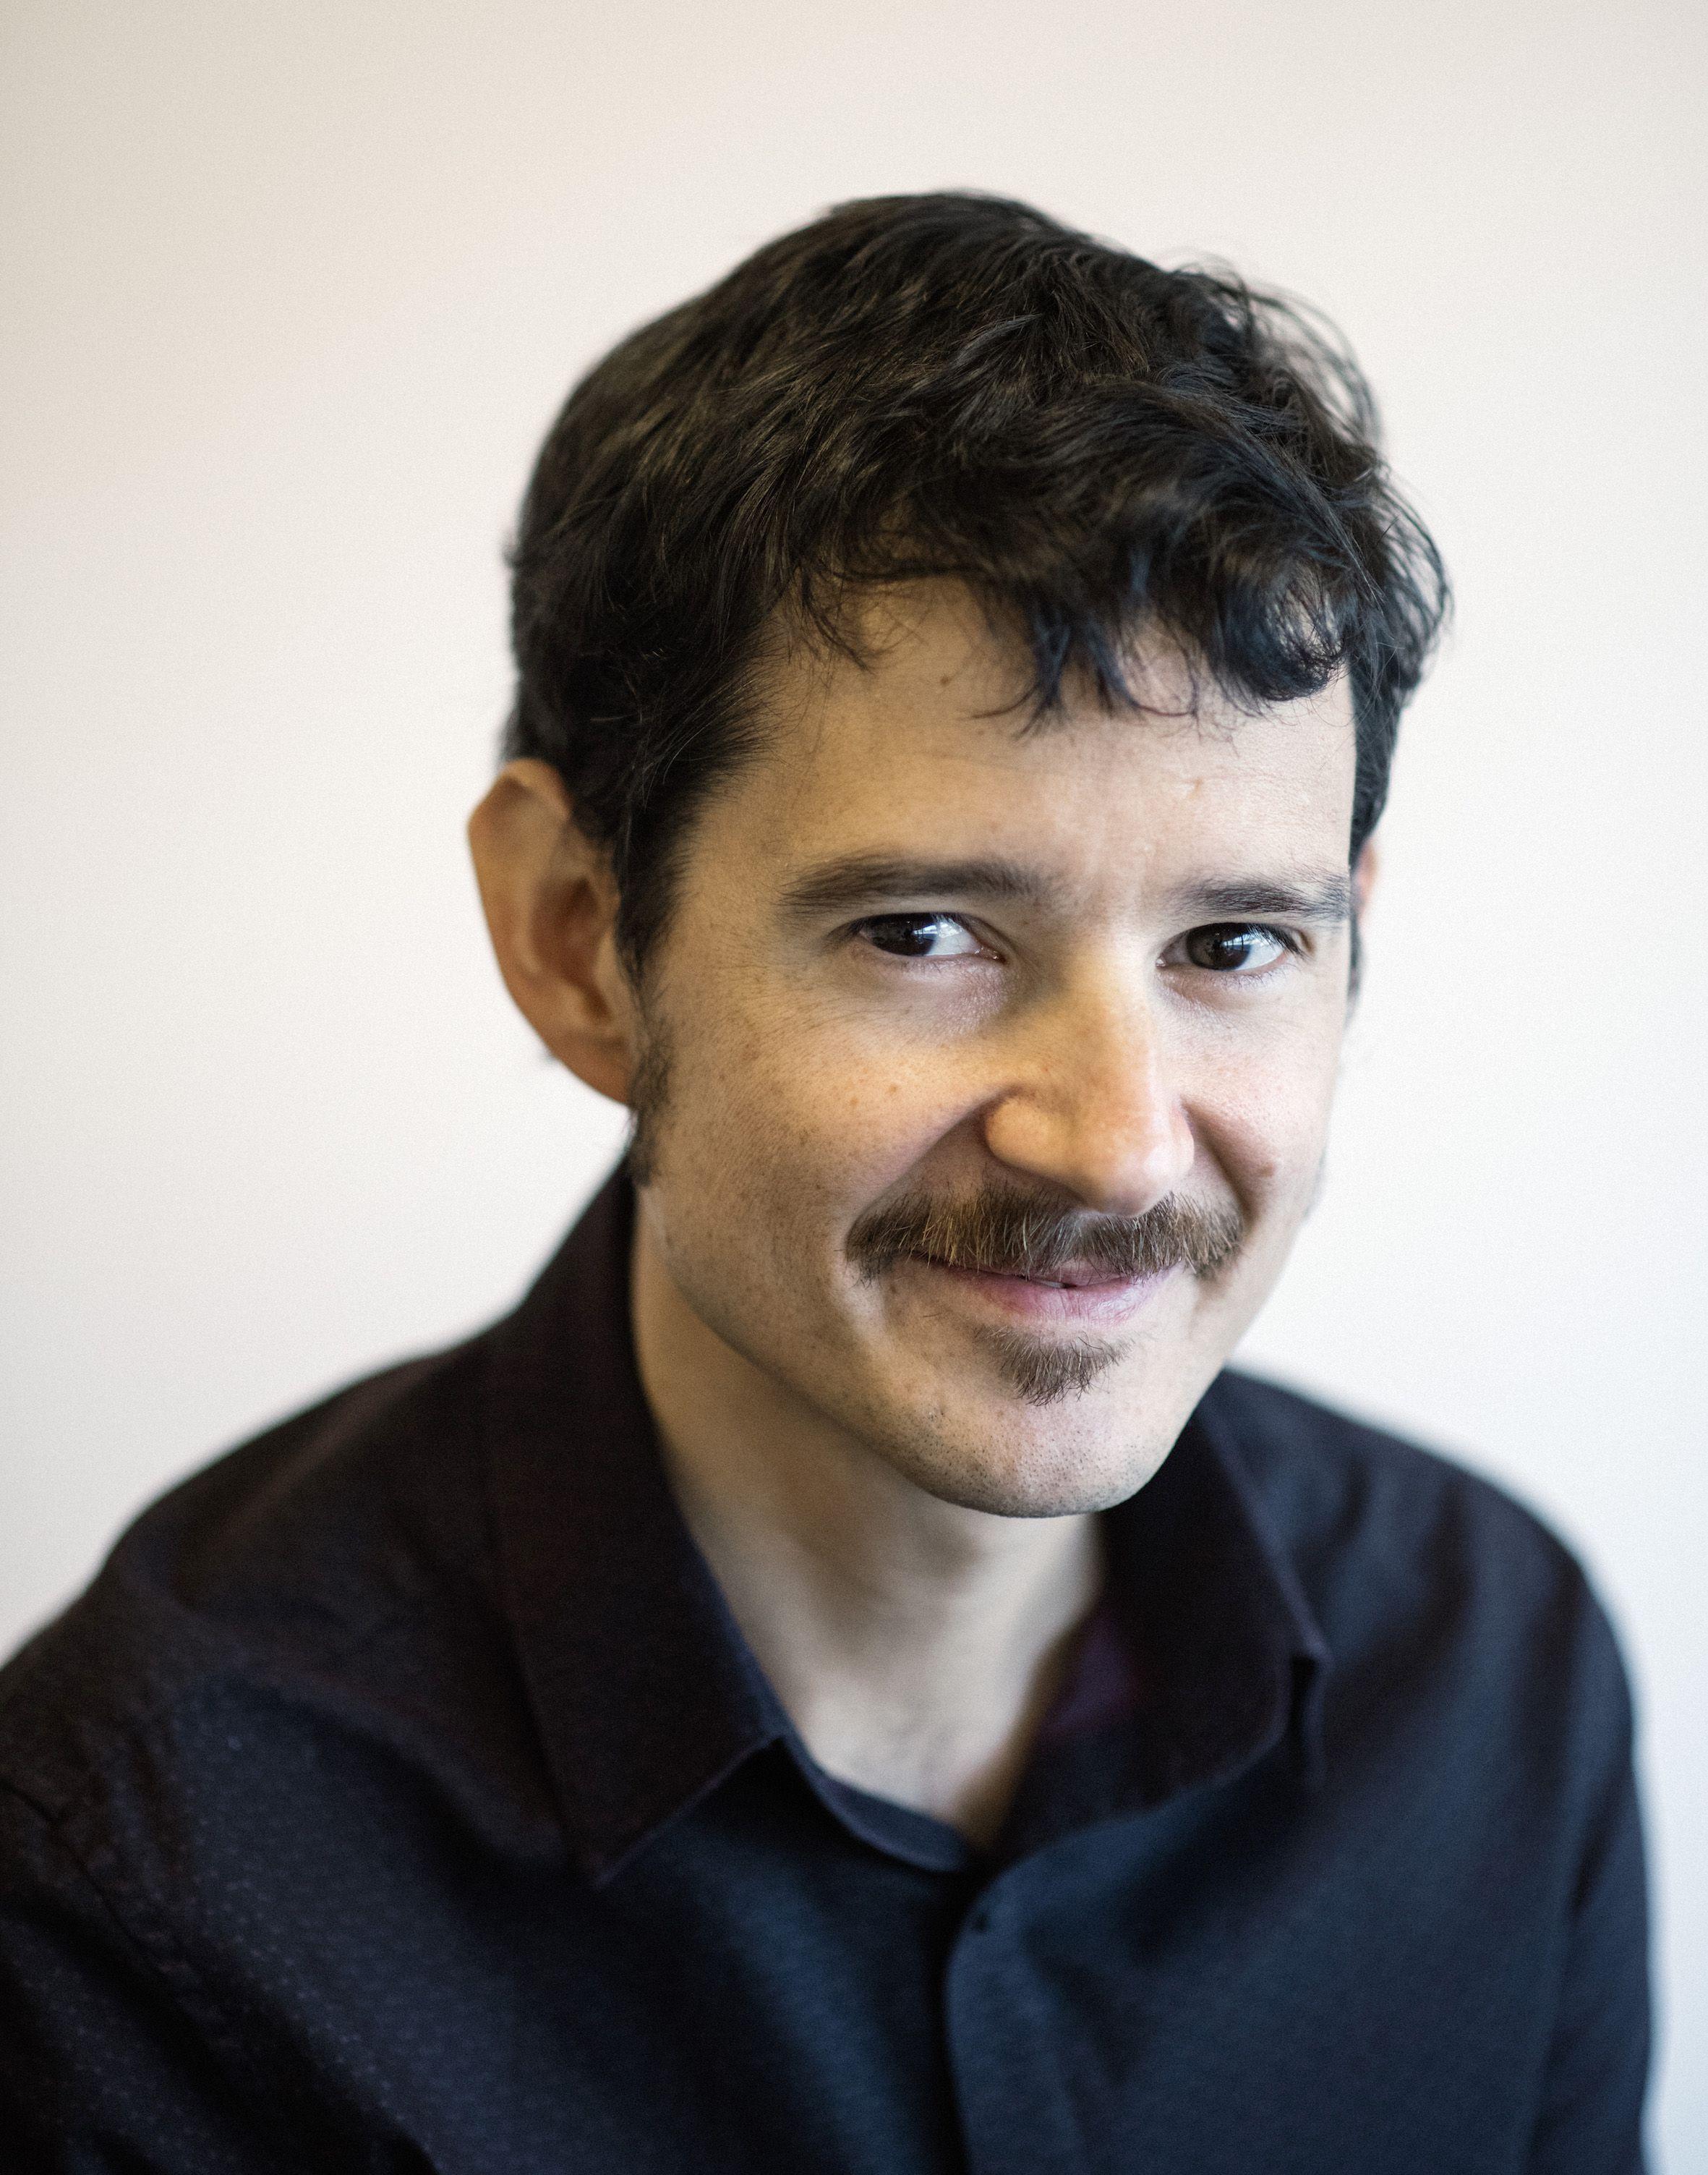 Cristóbal Cobo focaliza su trabajo en la intersección entre el futuro del aprendizaje, la cultura de la innovación y las tecnologías centras en las personas.